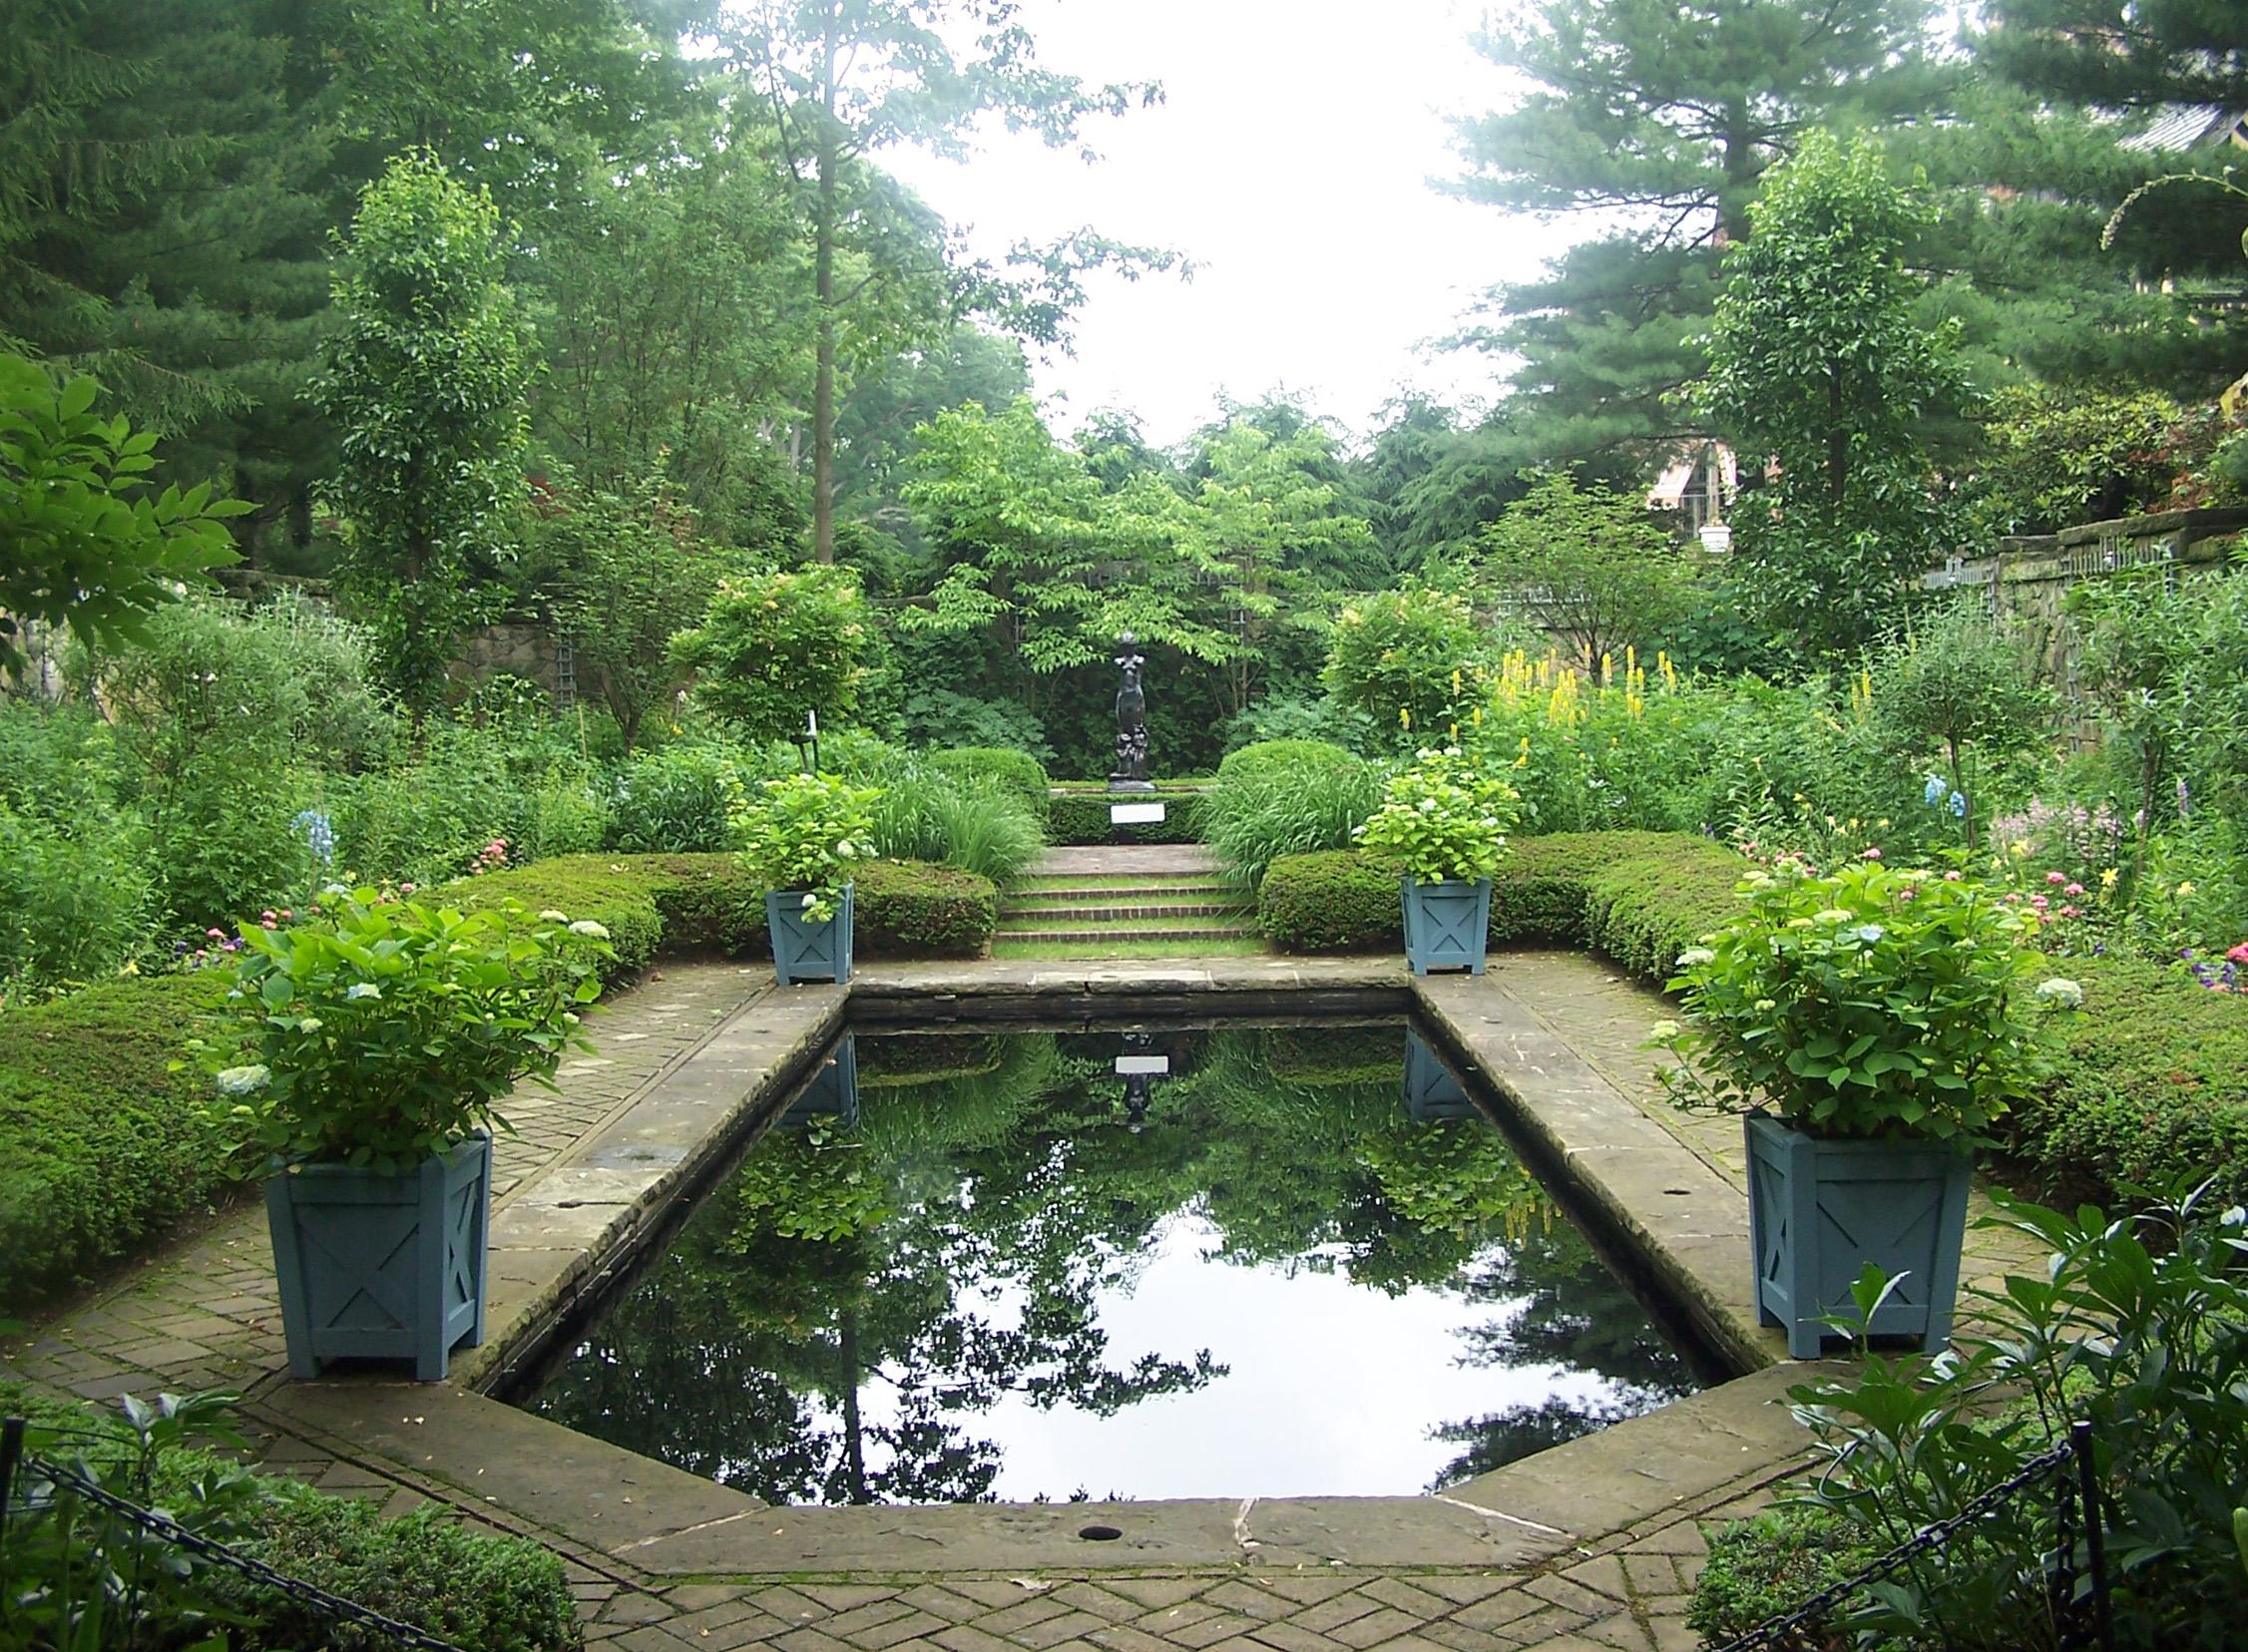 Vrtovi - Page 2 Stan-hywet-gardens-pool-in-english-garden-june-13-2010